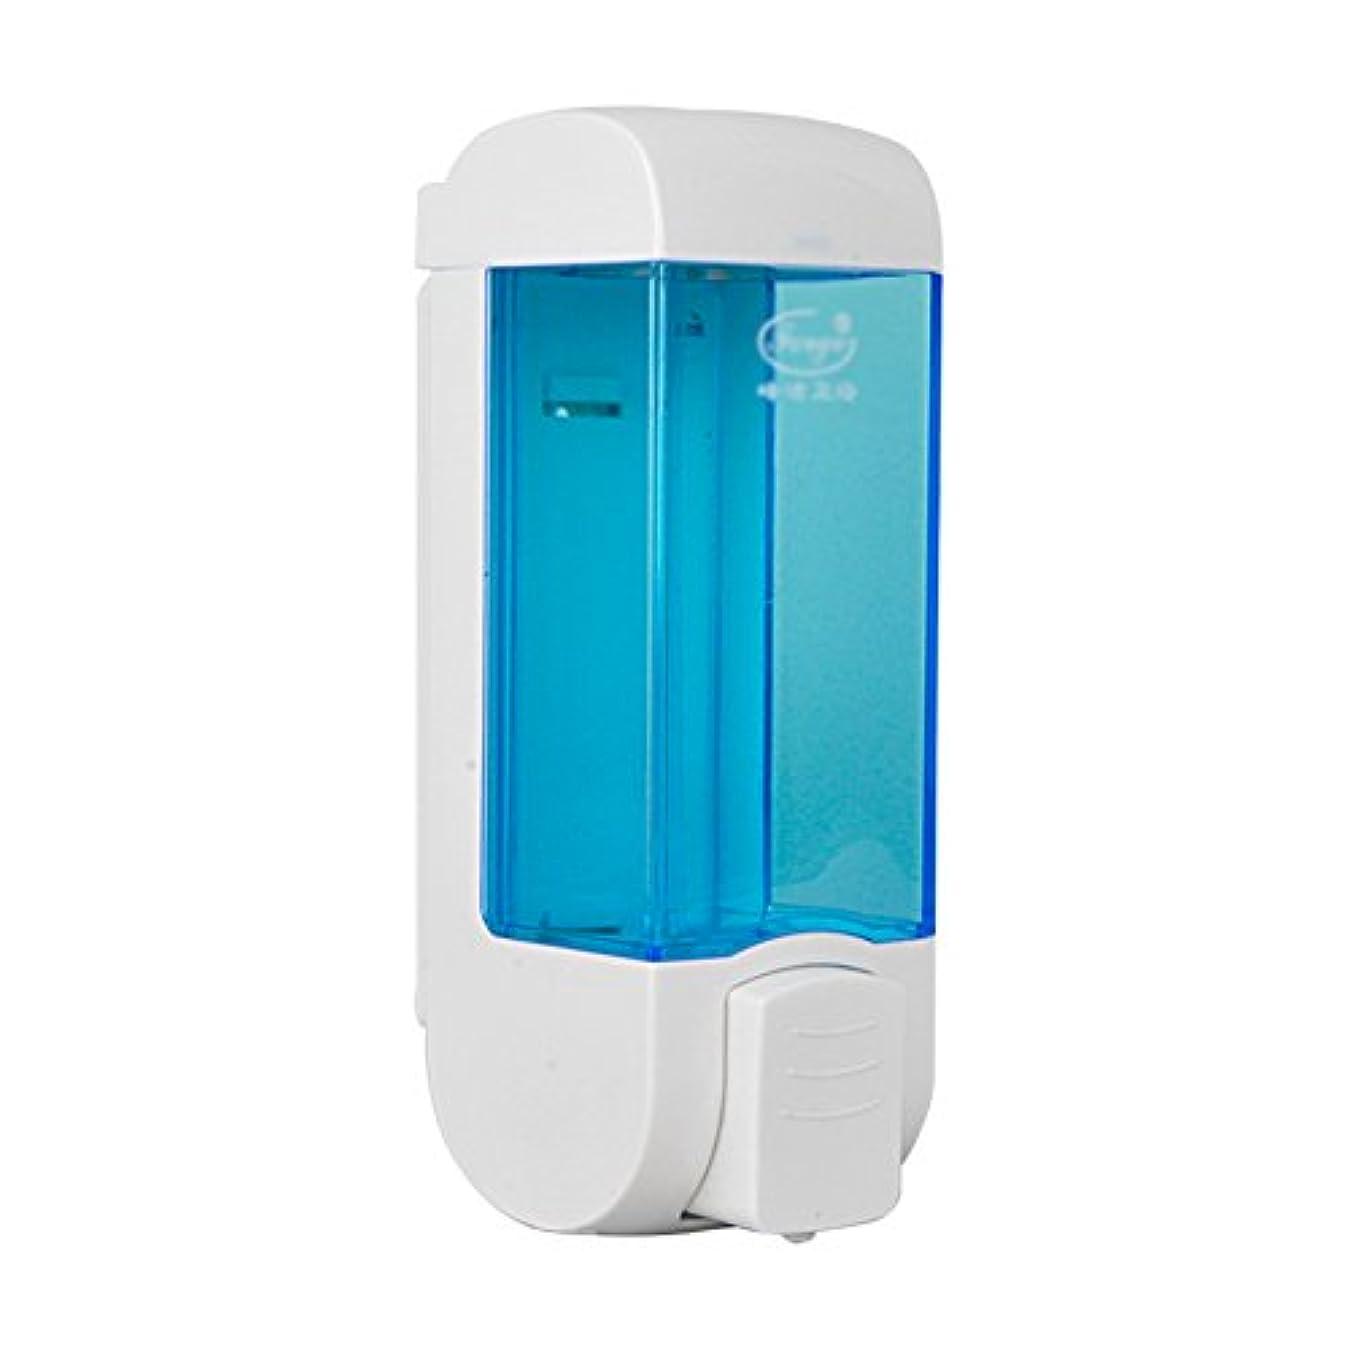 気球氏曲がったZEMIN ソープディスペンサー 壁掛け式 石鹸ディスペンサー 帰納的 マニュアル ポンプ 2頭 シャンプー 液体 石鹸 クリーン、 プラスチック、 青、 300ML (色 : 1)